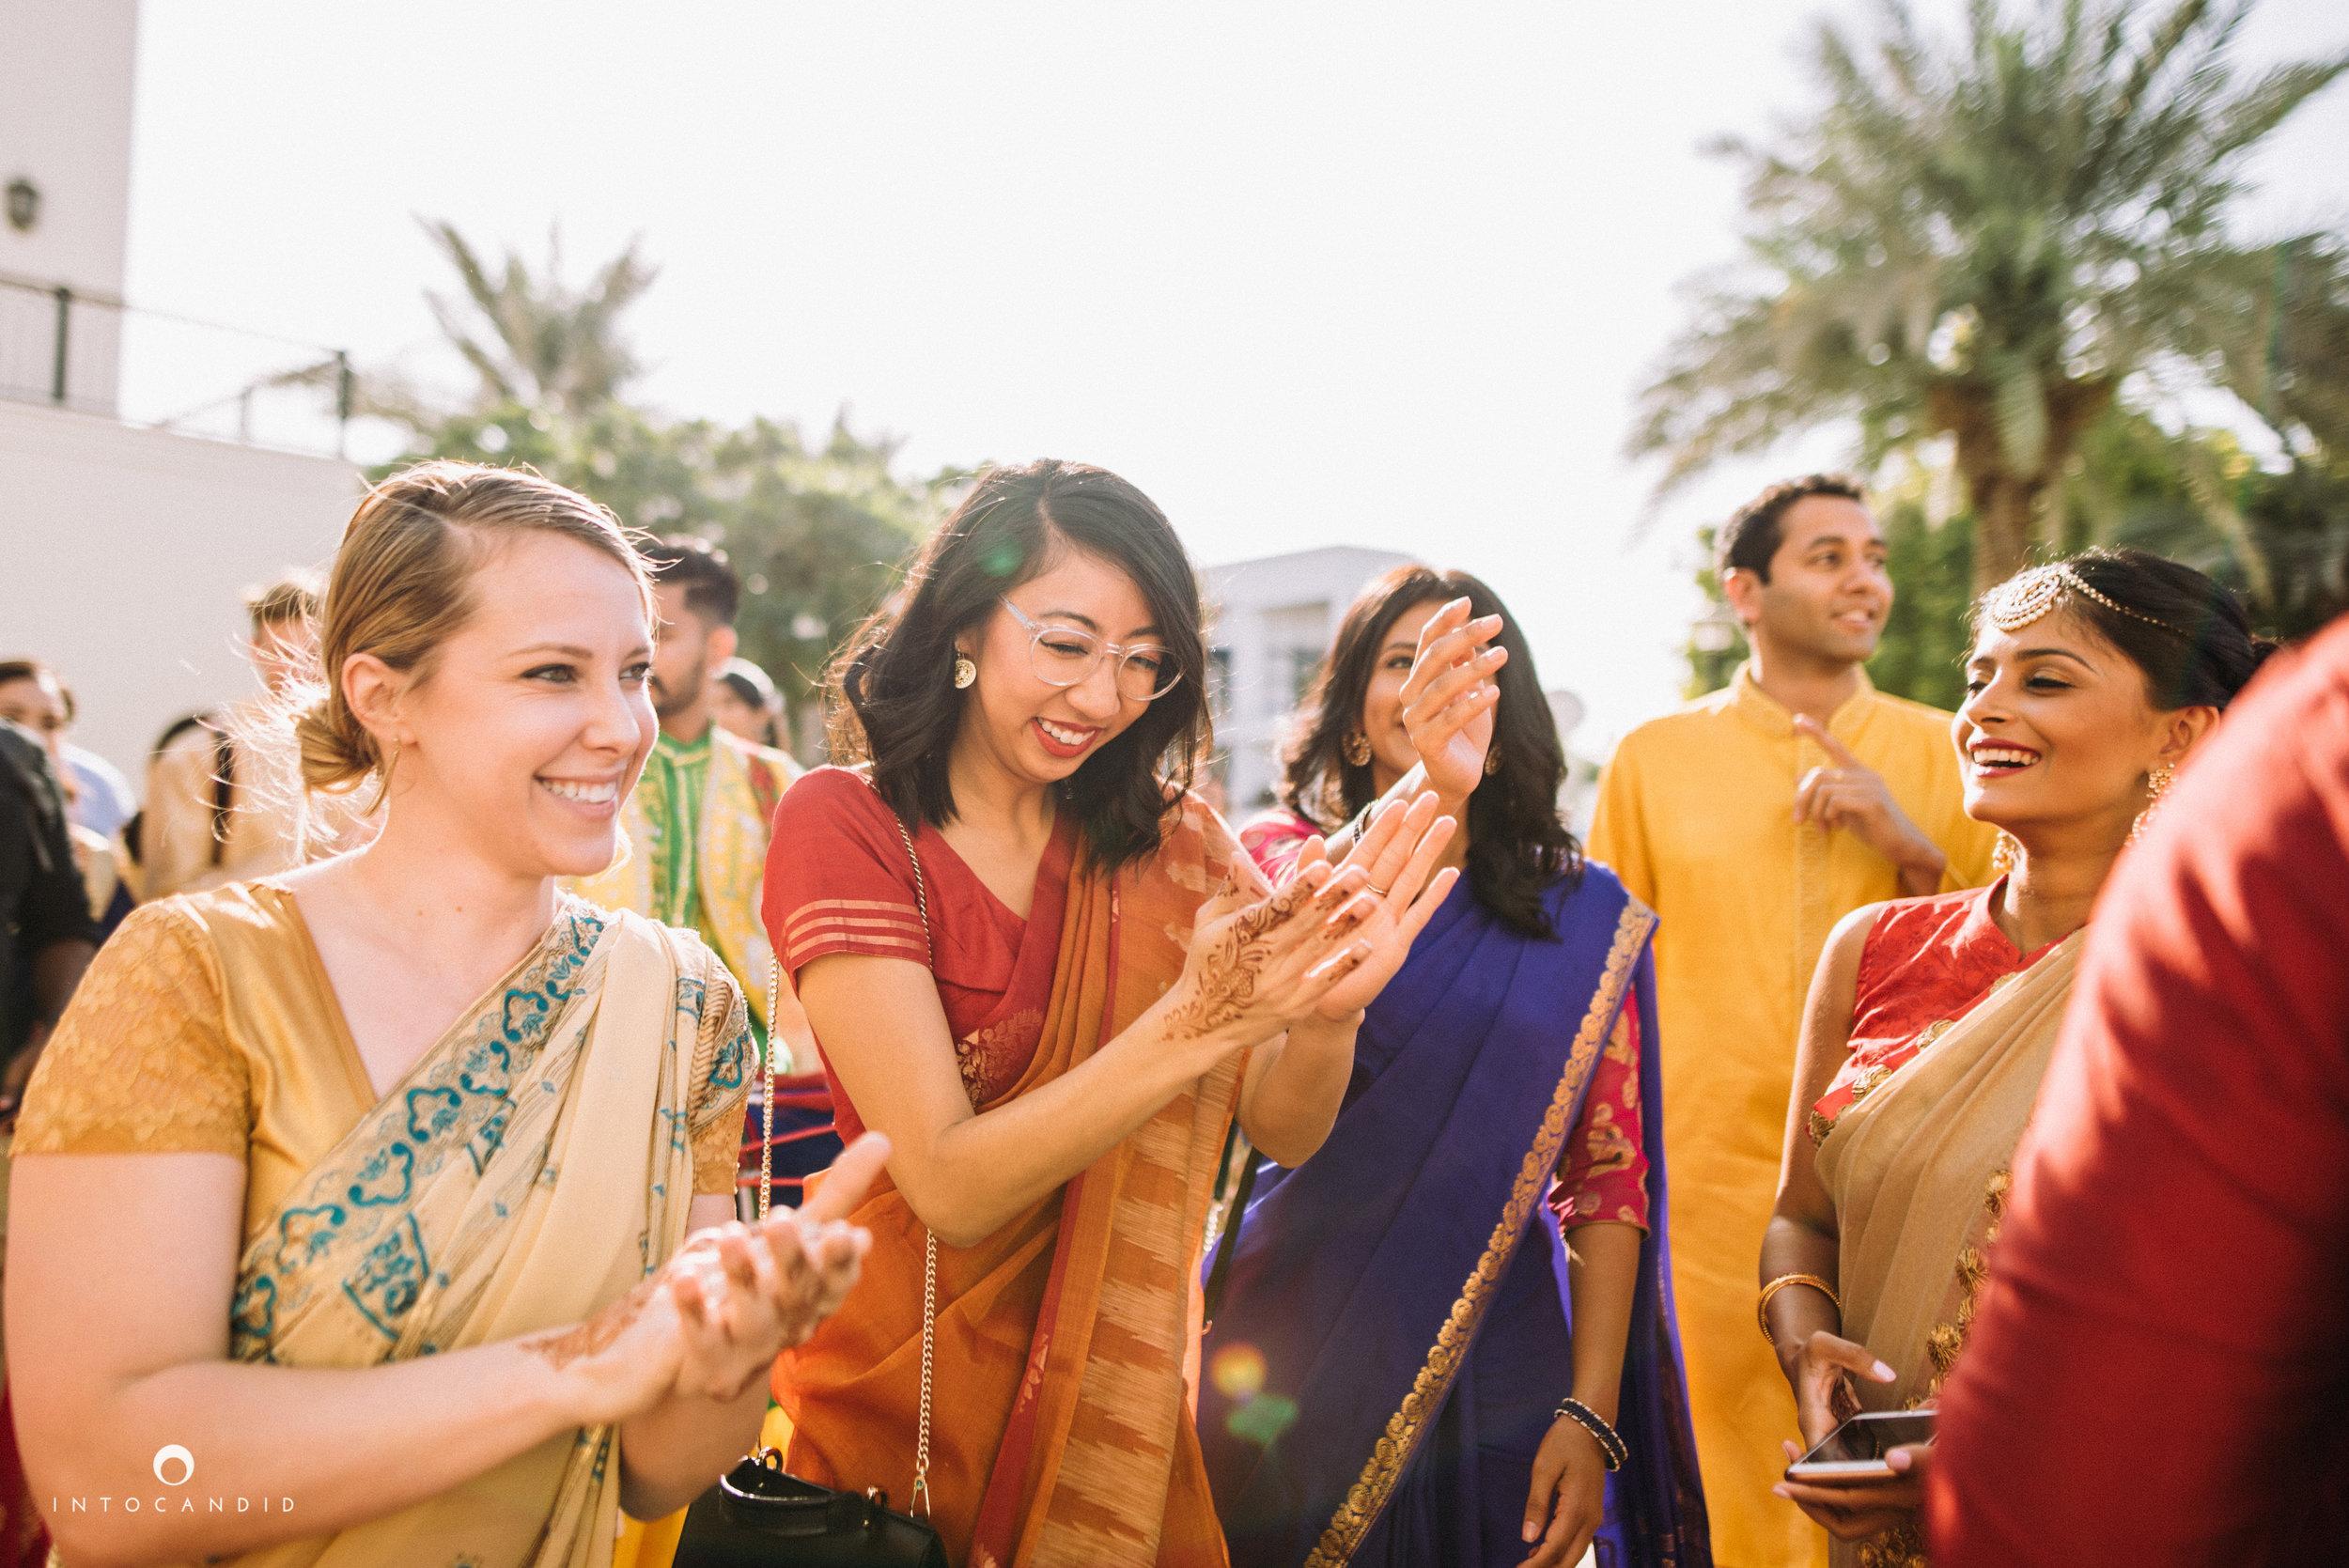 Dubai_Wedding_Photographer_14.JPG